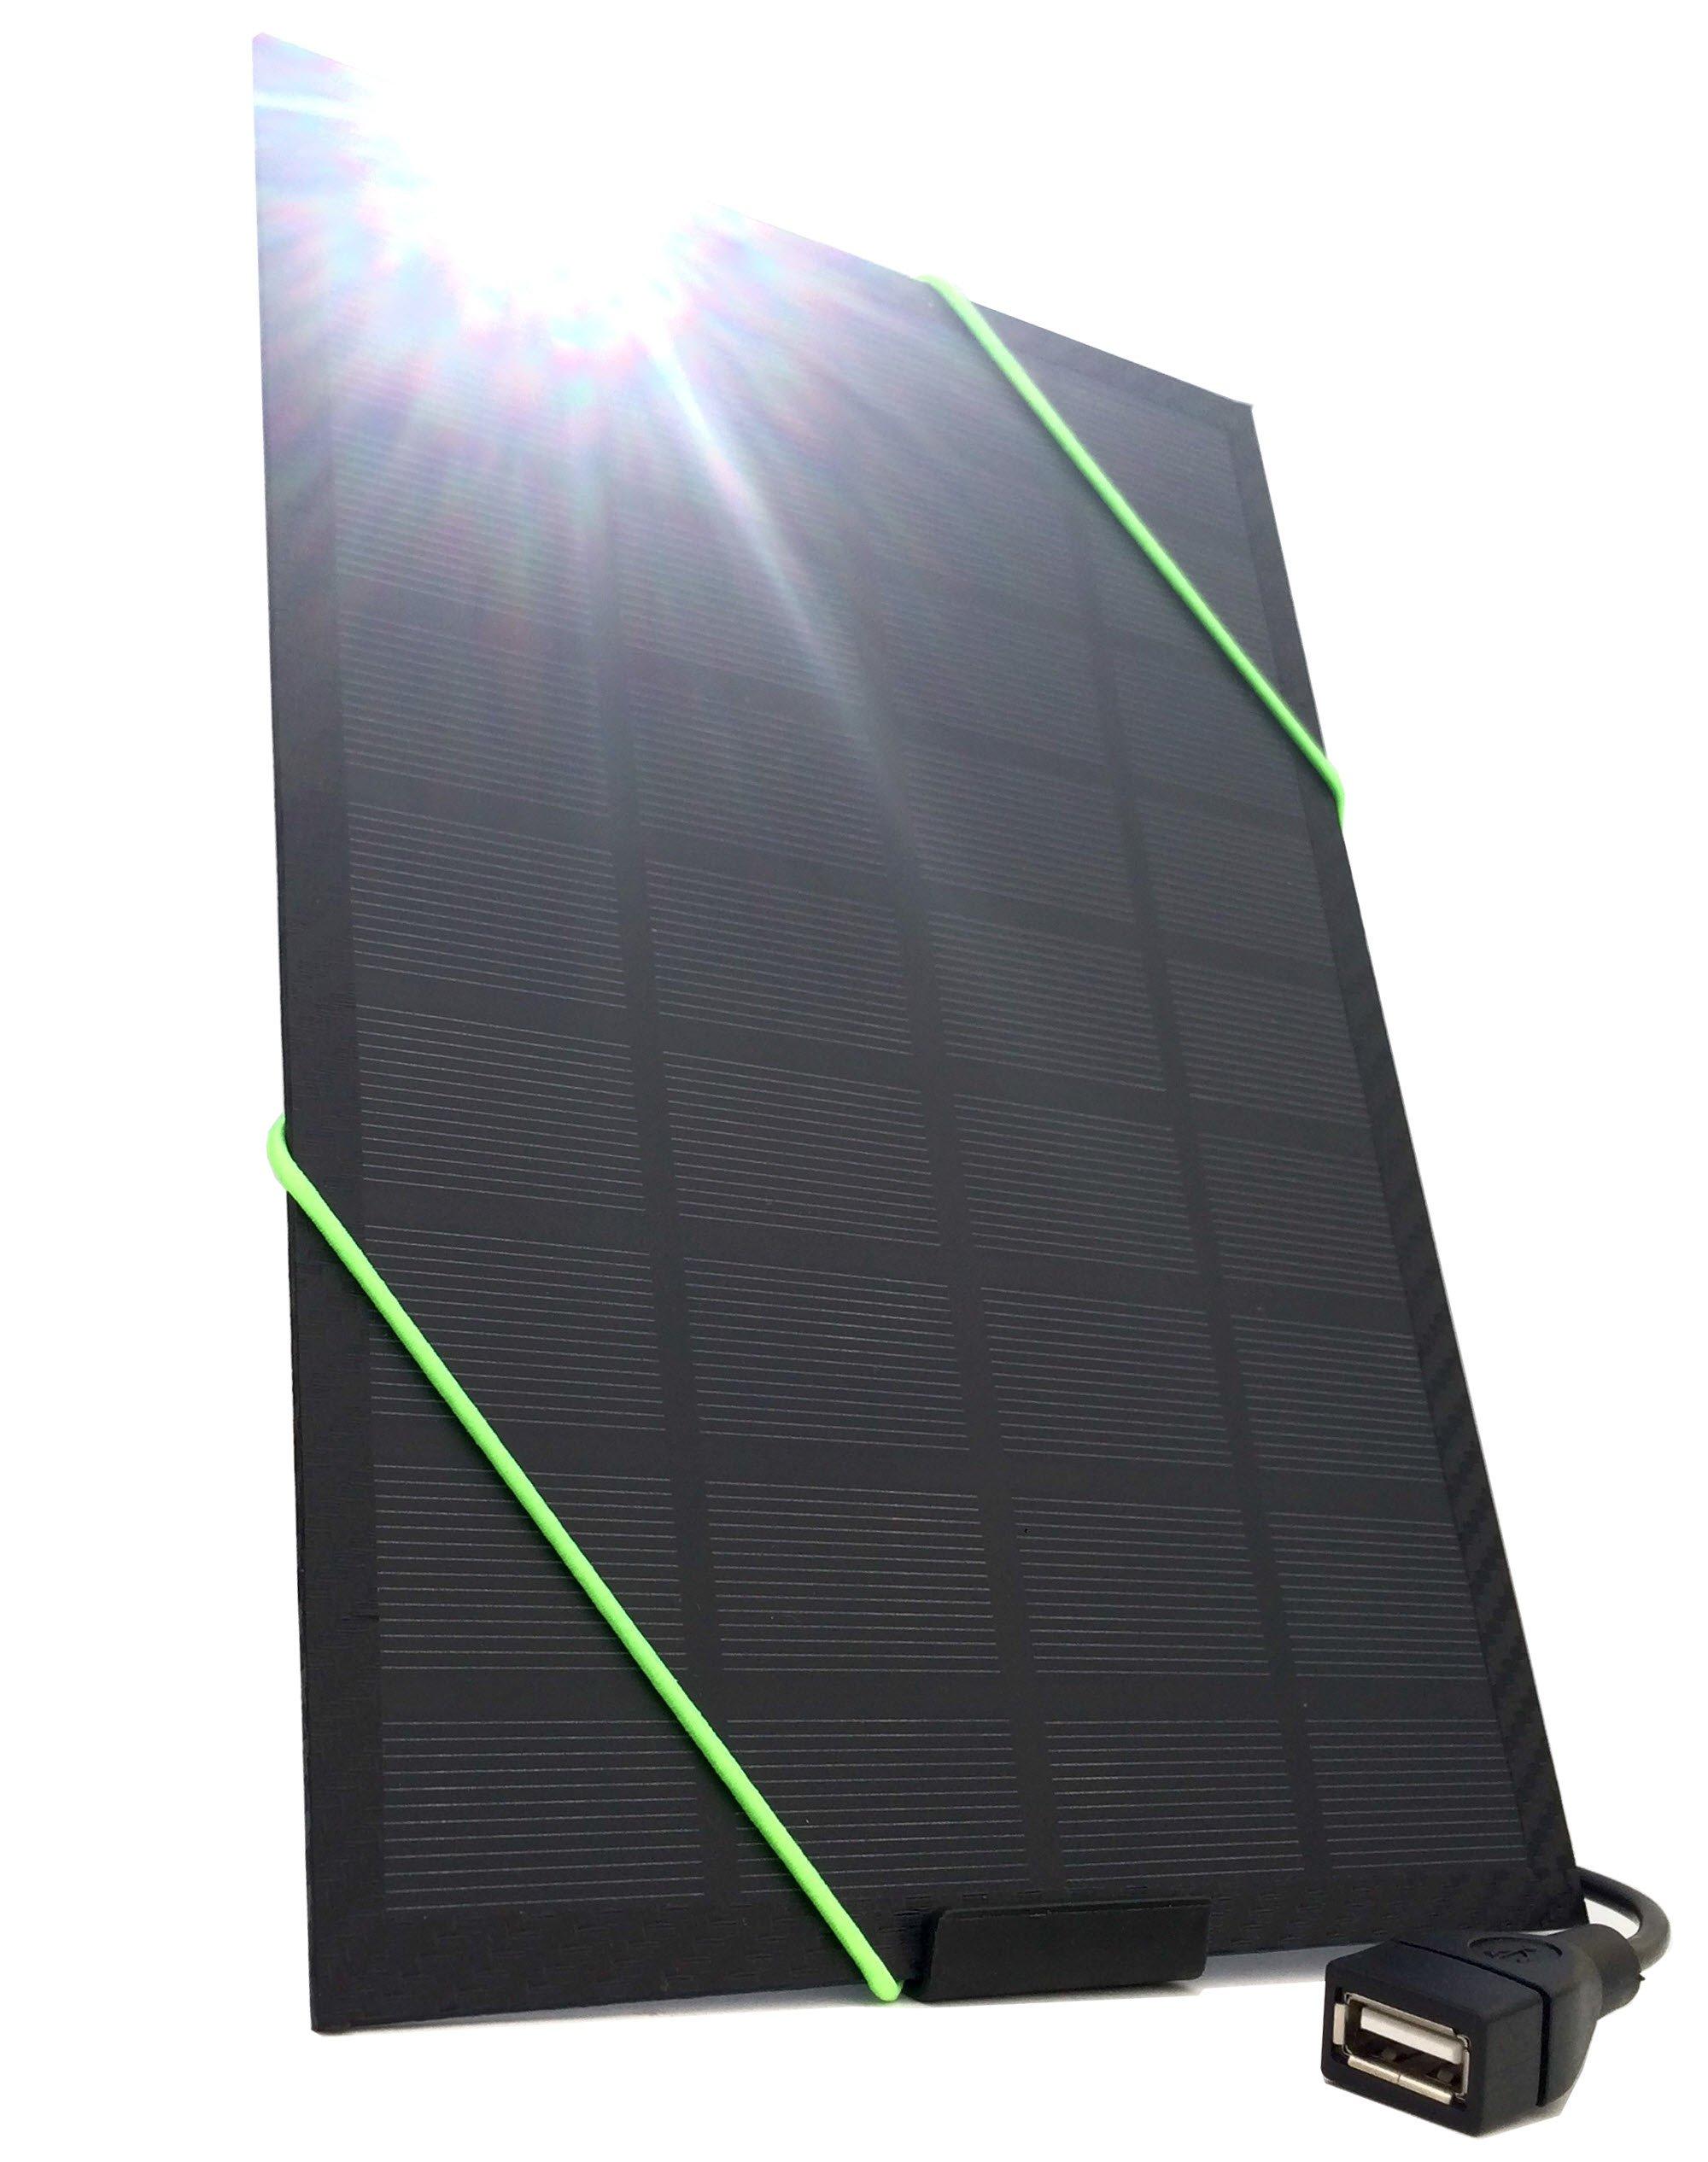 Cargador Solar Portatil de 5 Watts de Salida NEFF SOLAR Negr